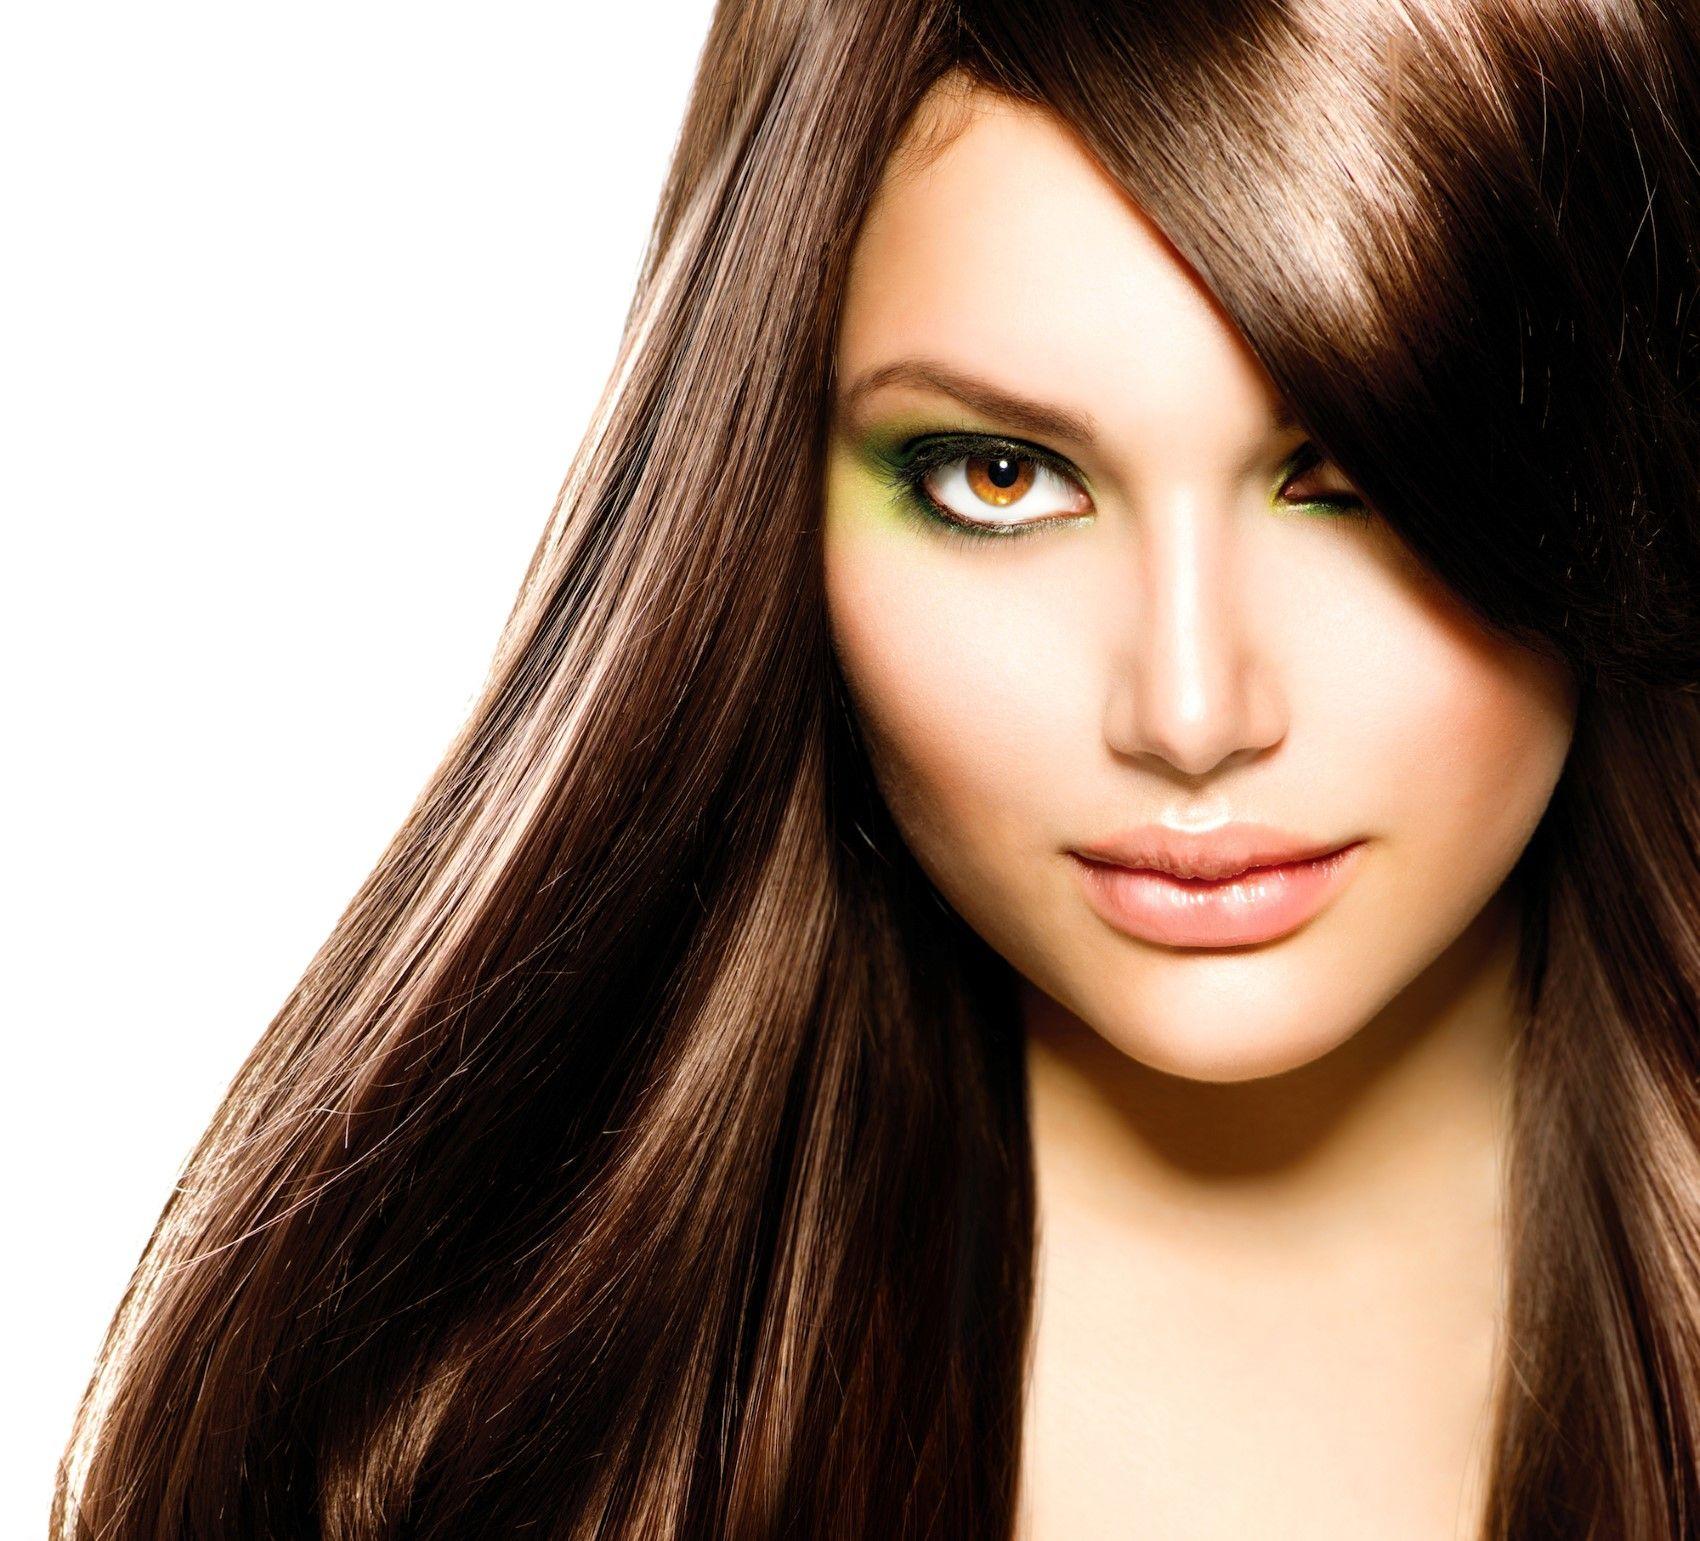 Hair Design streaker hair design 2014. website jjjutsp